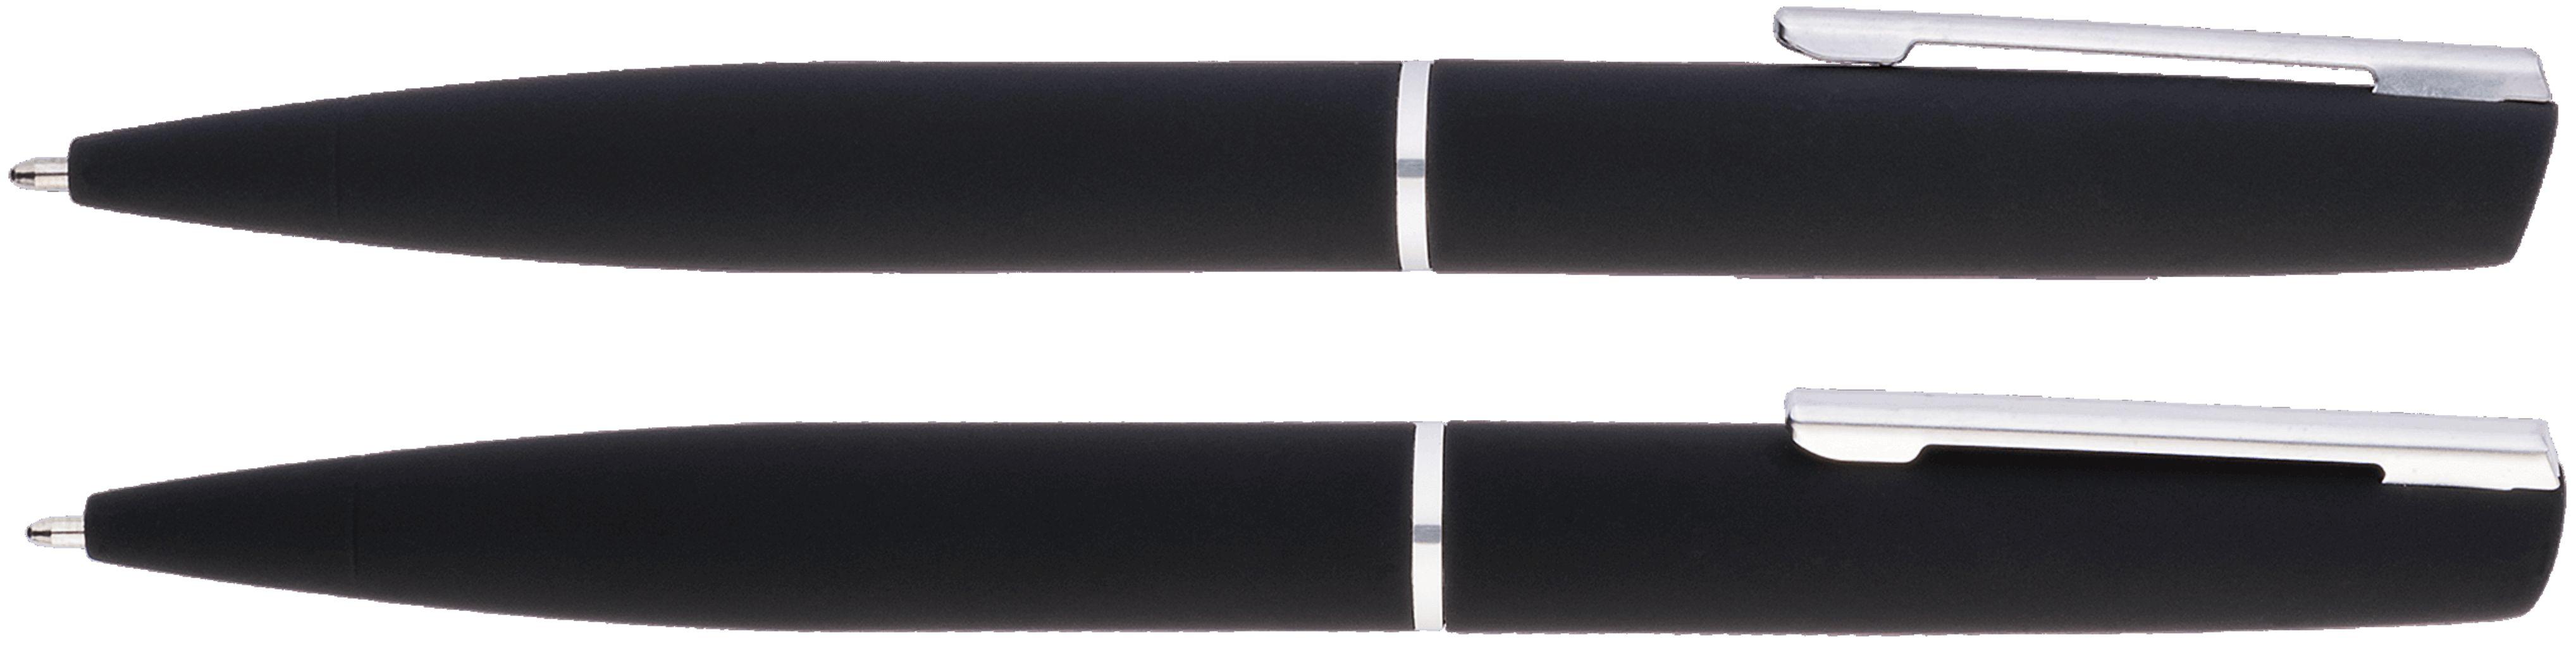 металлические ручки с soft touch покрытием